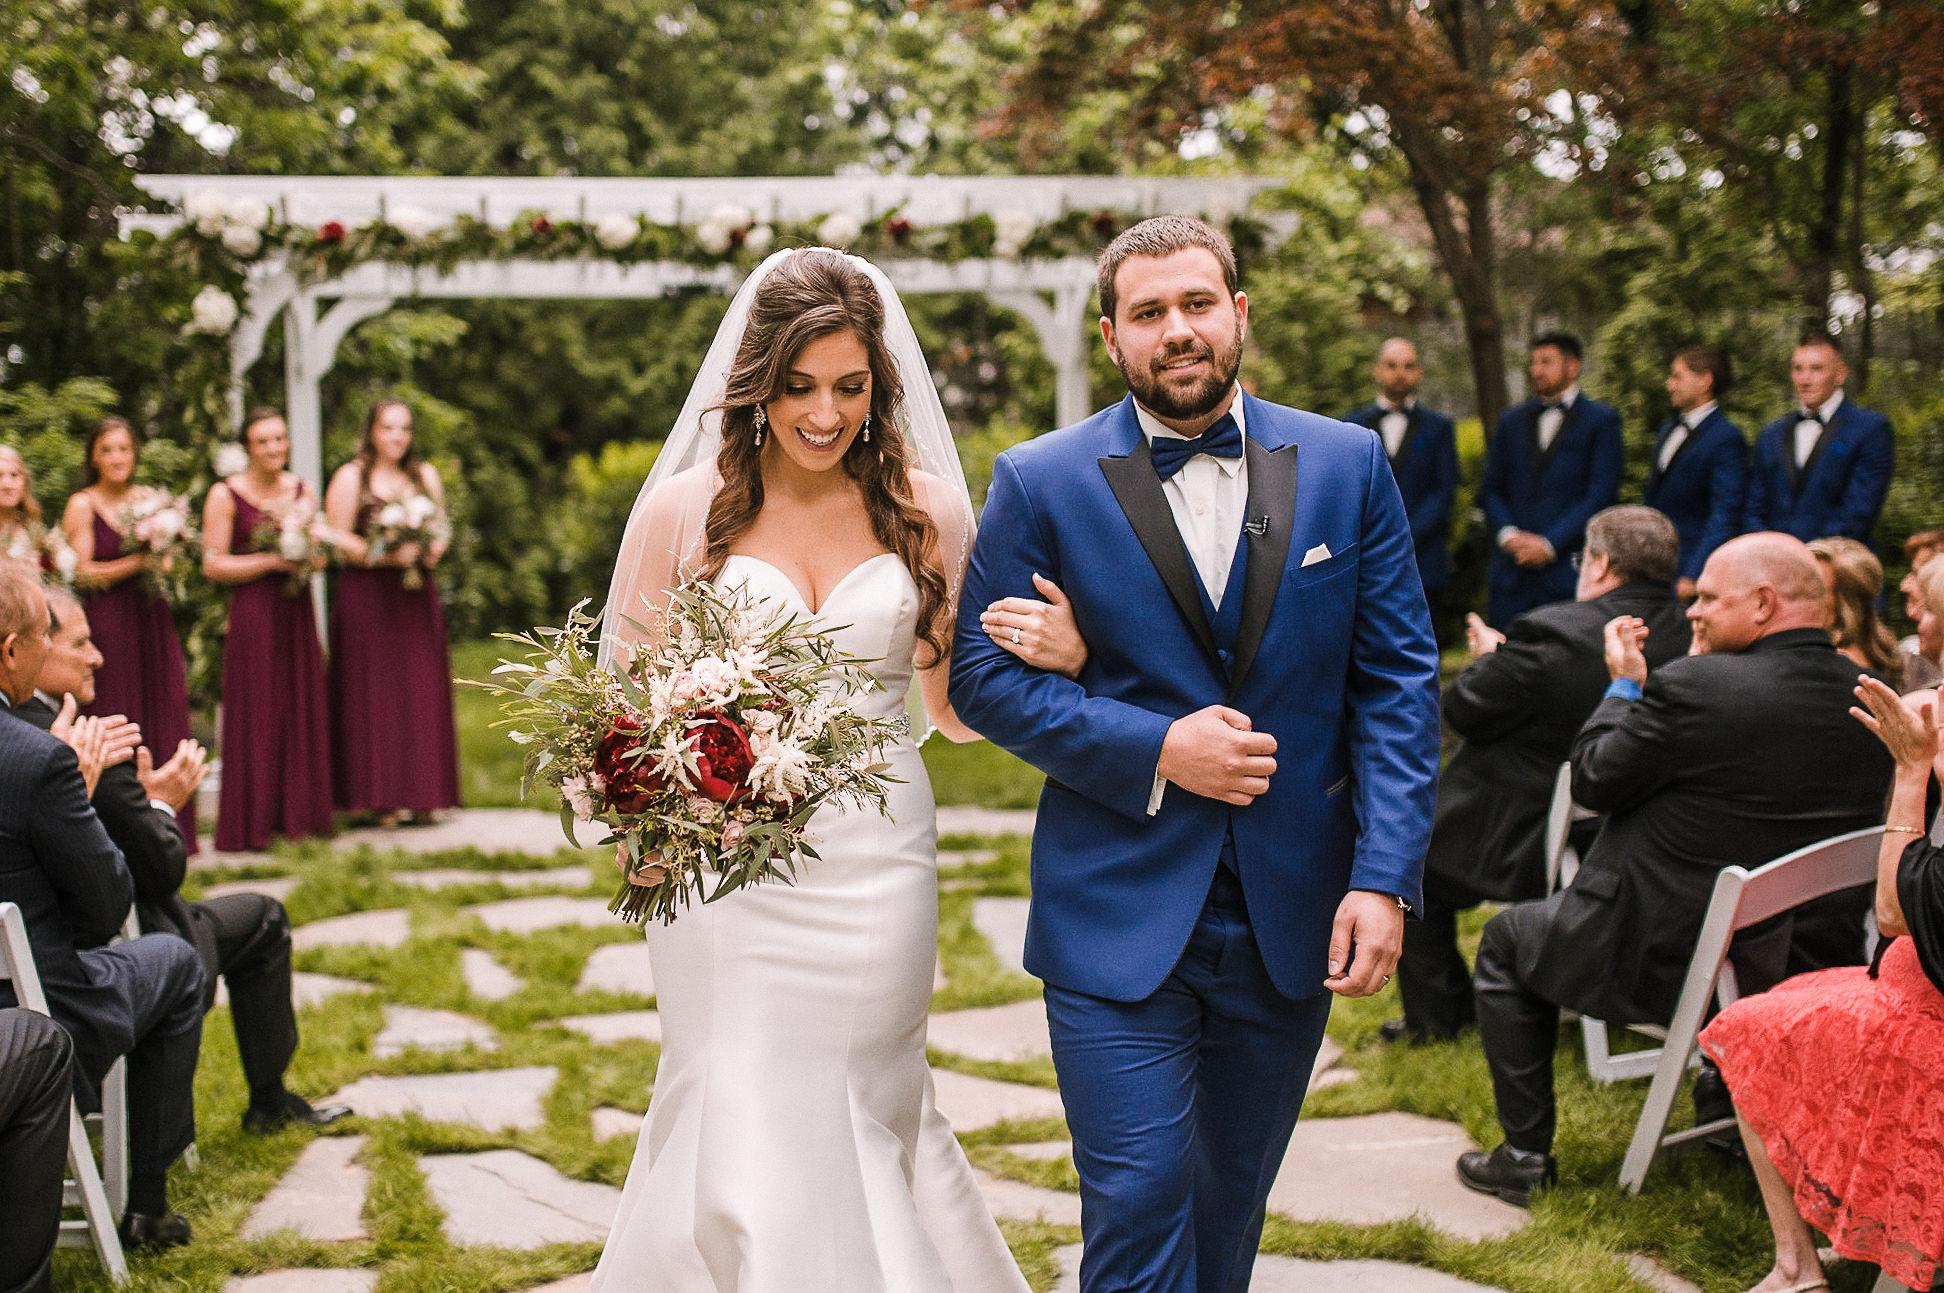 bride and groom walking up the aisle at Seasons at Magnolia Manor